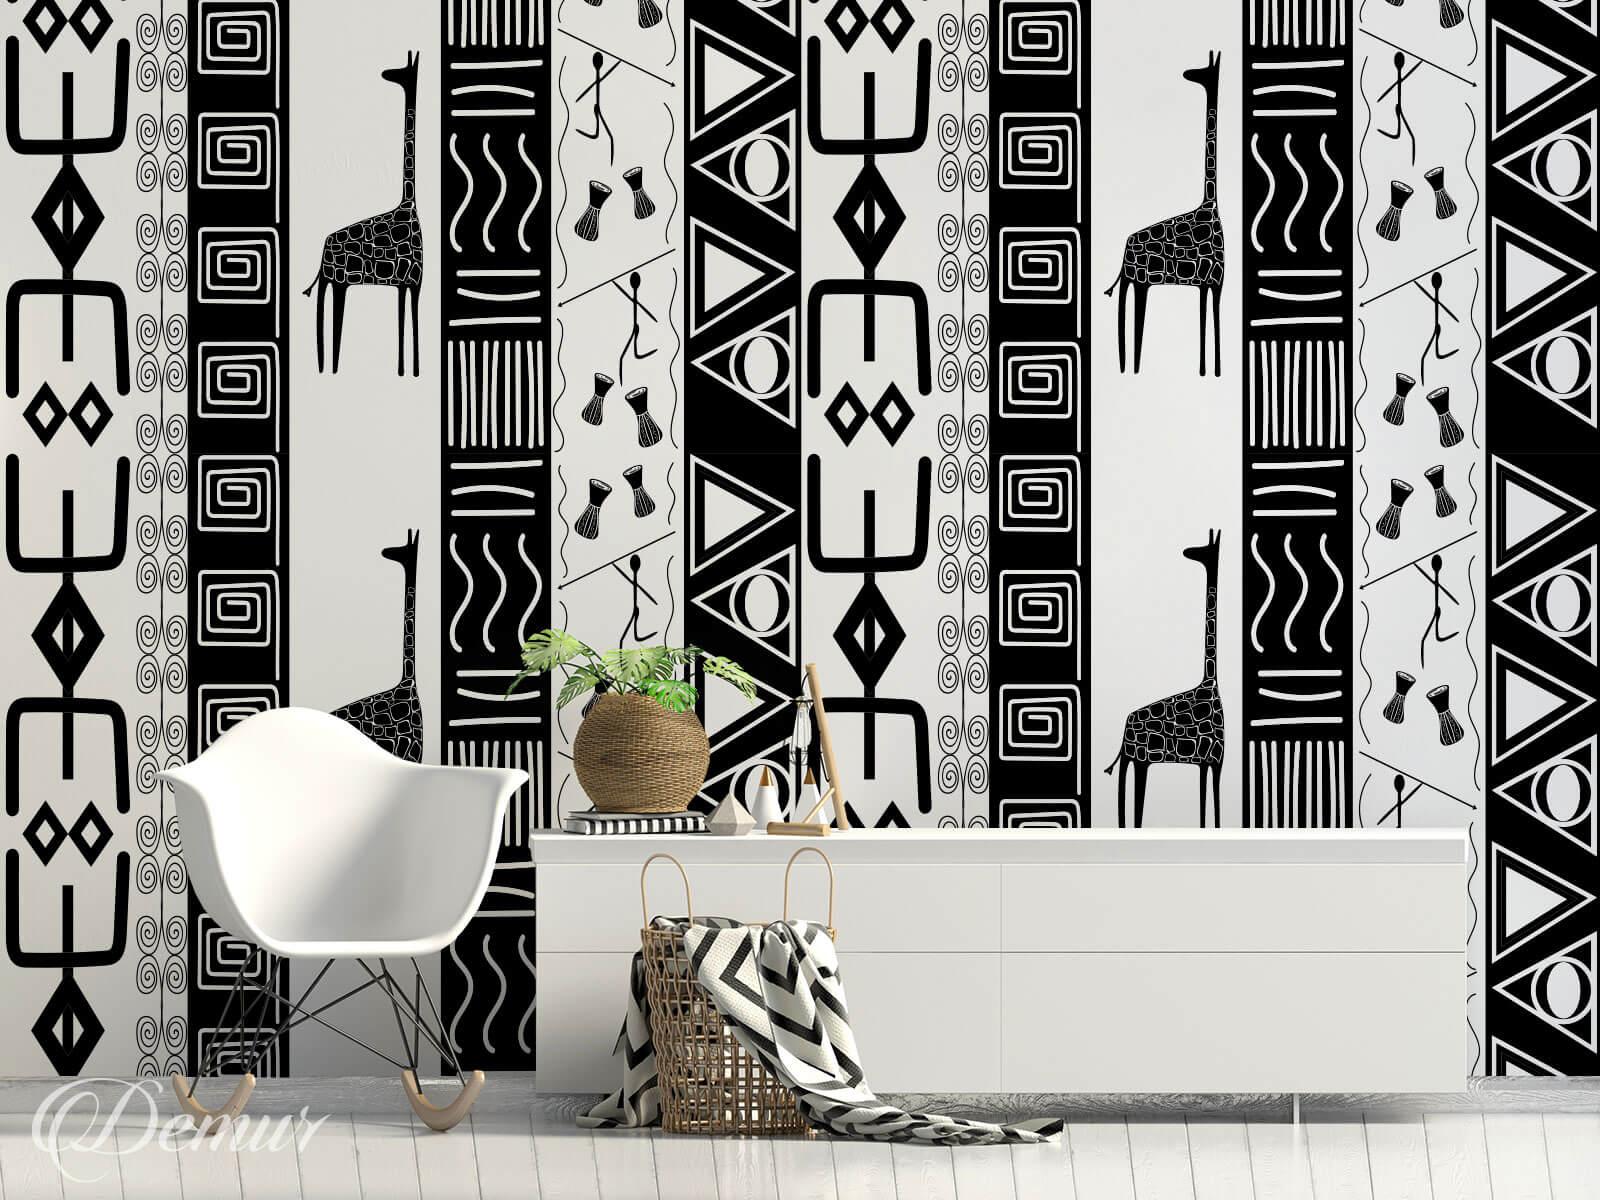 Fototapeta Afrykański wzór - Fototapeta afryka - Demur